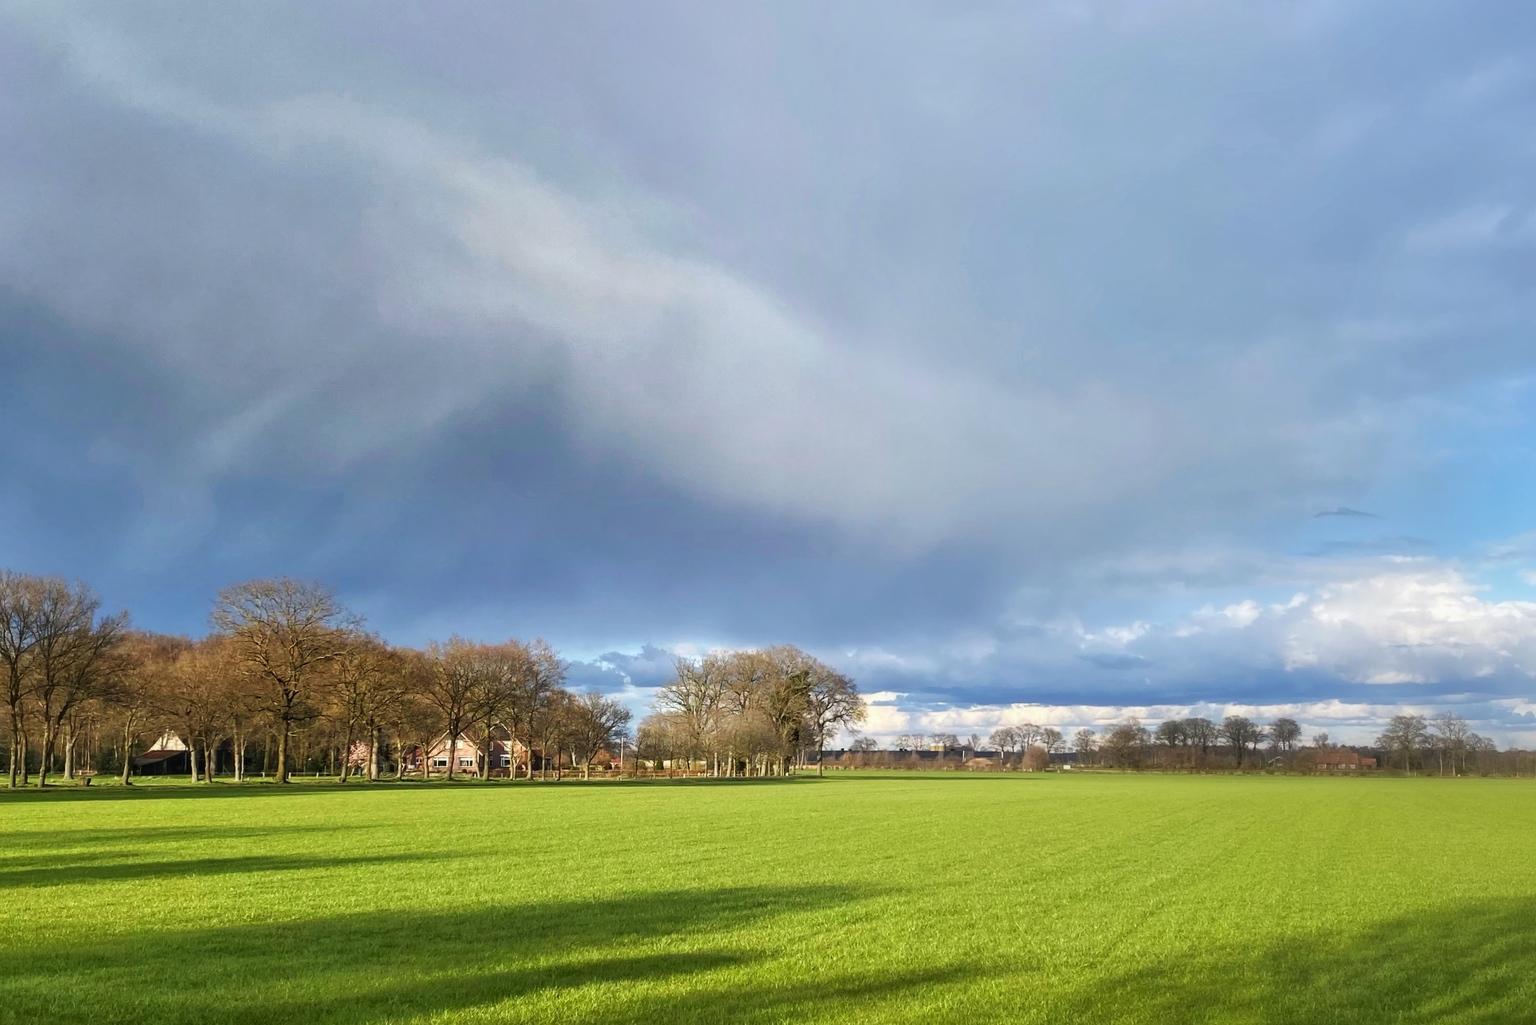 Land en lucht - Een foto vanaf ongeveer dezelfde plek als gisteren. - foto door Jan3005 op 13-04-2021 - deze foto bevat: wolk, lucht, fabriek, atmosfeer, natuur, natuurlijk landschap, boom, land veel, gras, grasland